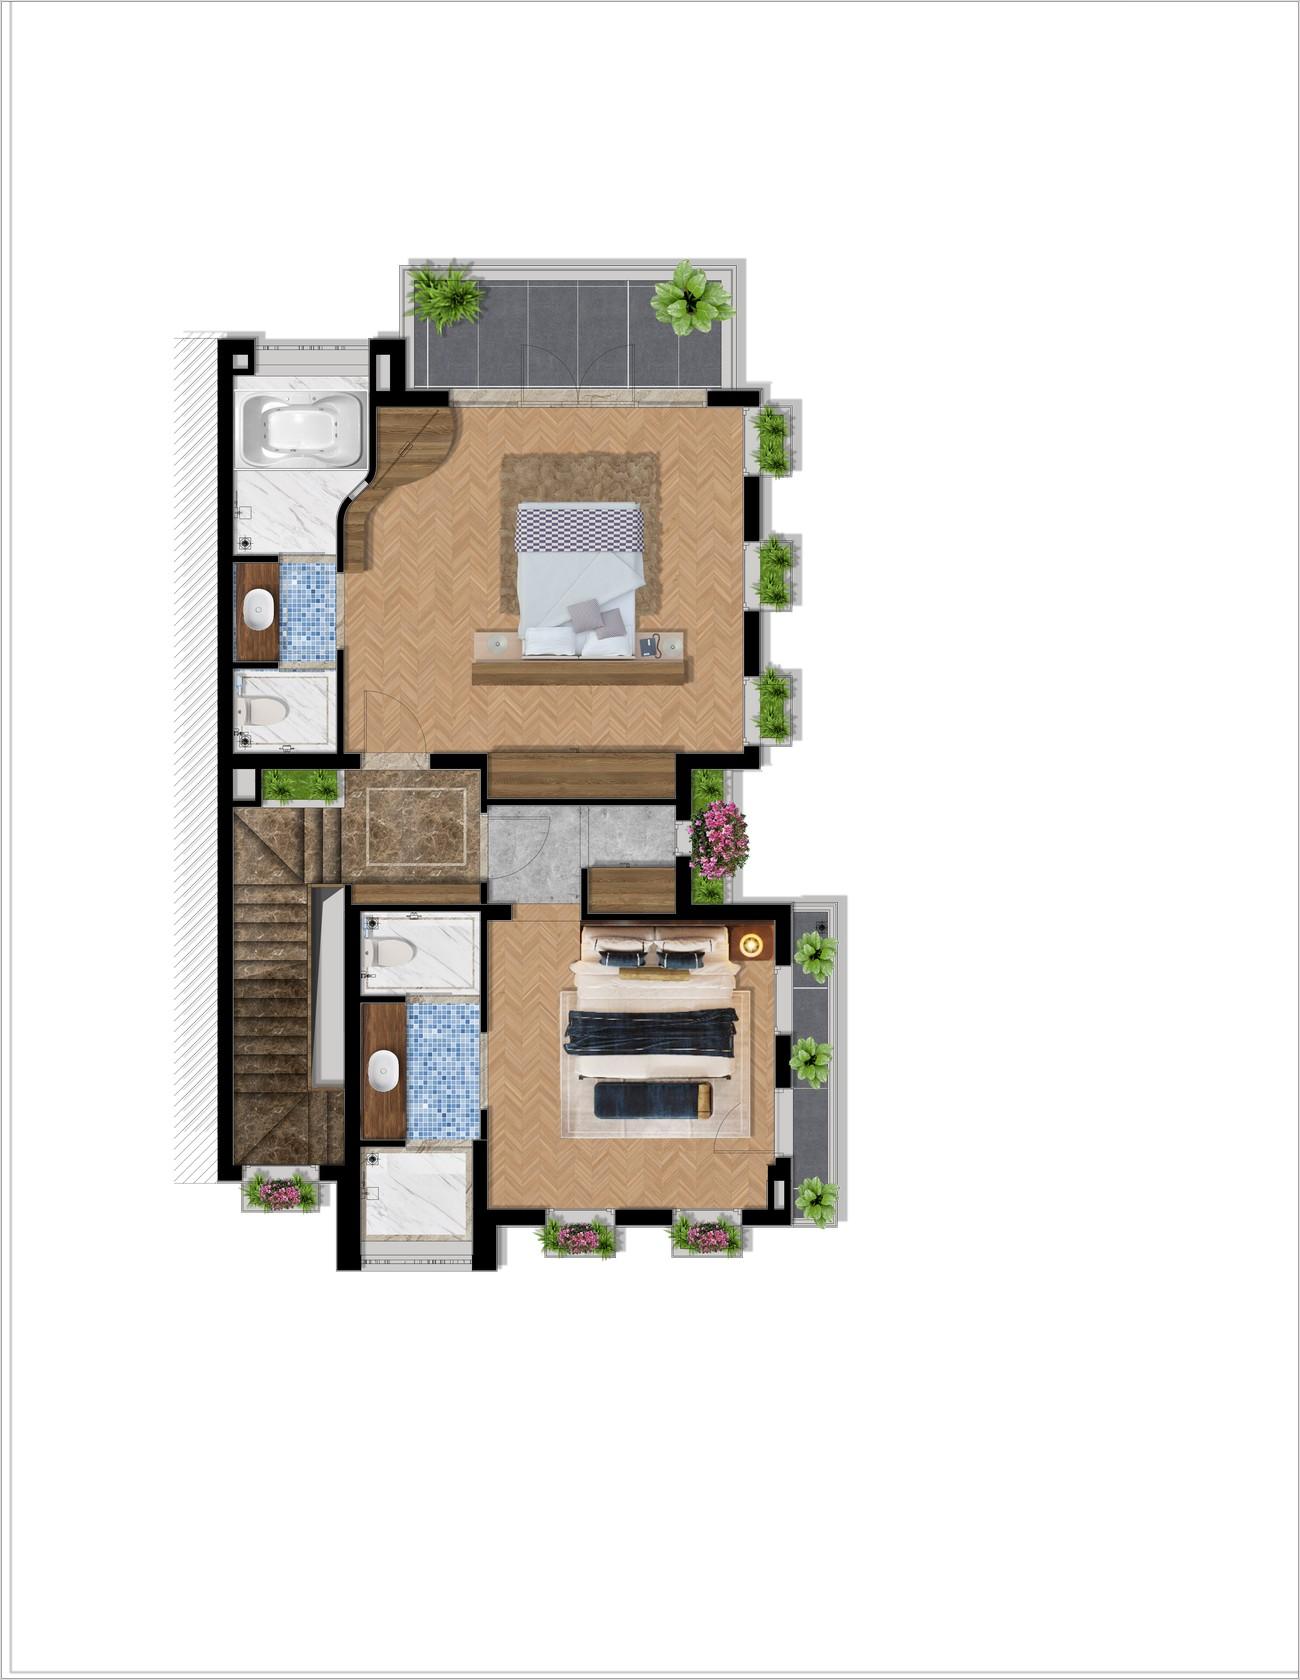 Thiết kế dự án căn hộ nghỉ dưỡng chung cư Grand Mercure Hội An Điện Bàn chủ đầu tư Xuân Phú Hải